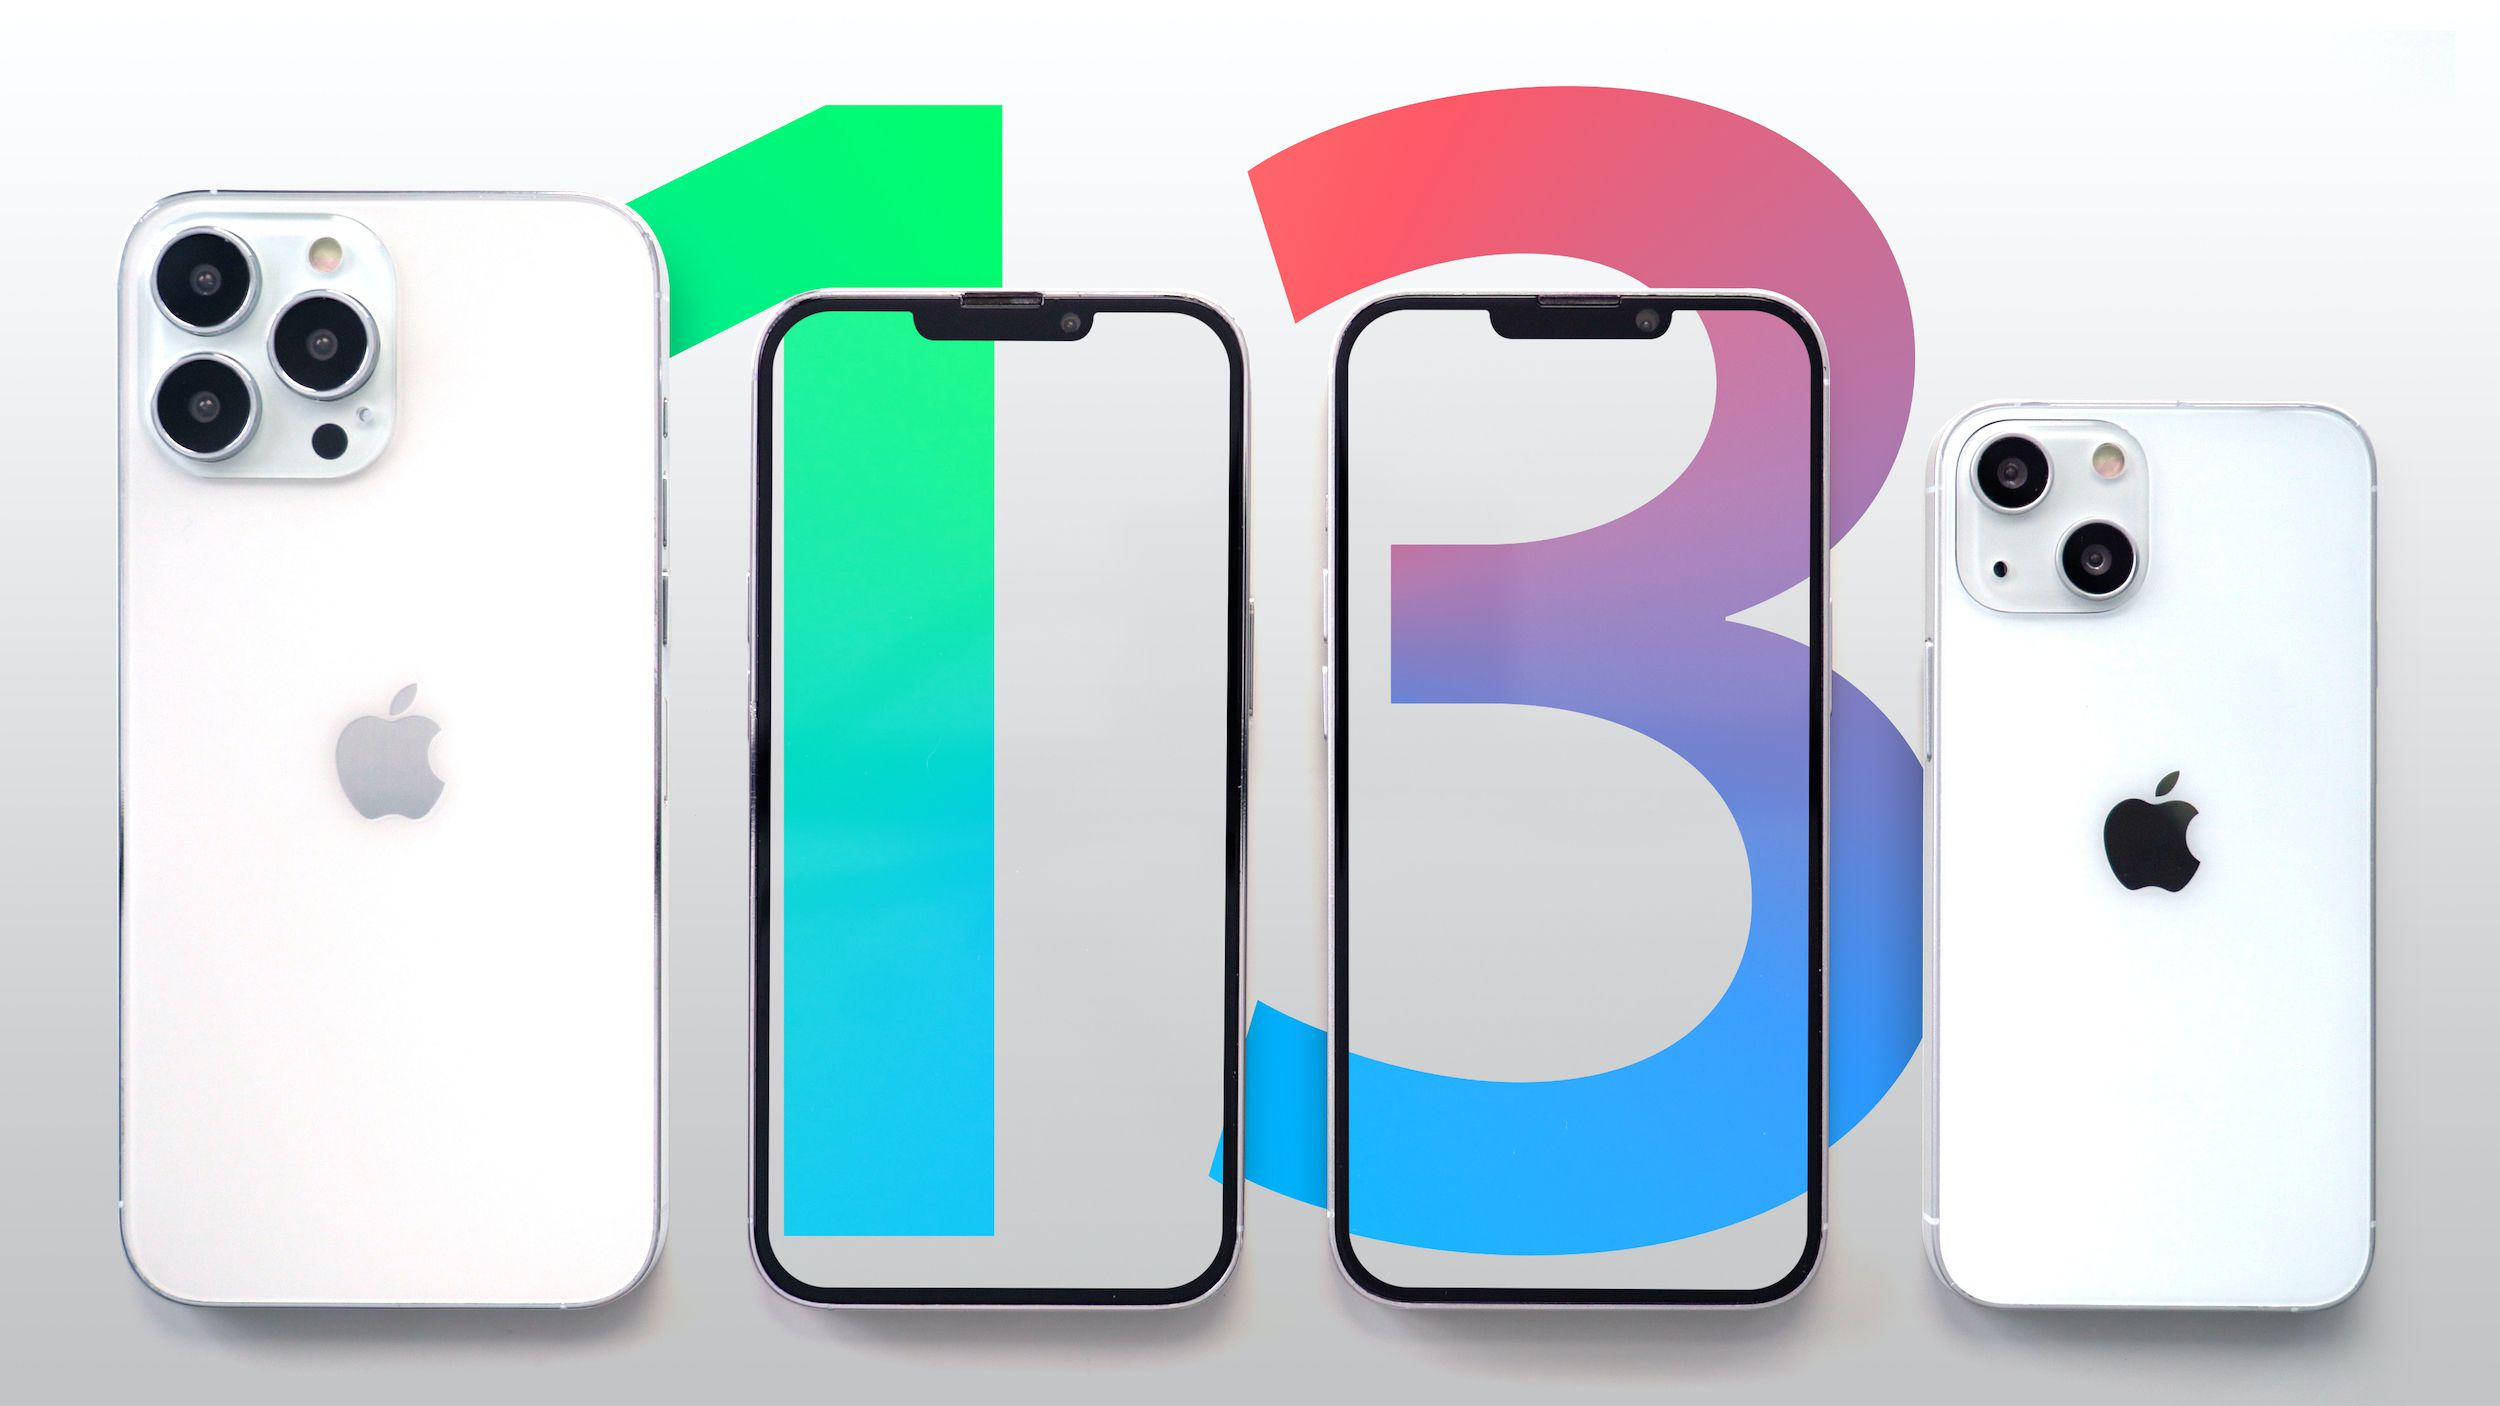 這是iPhone 13釋出日期線索!蘋果新旗艦可能即將推出